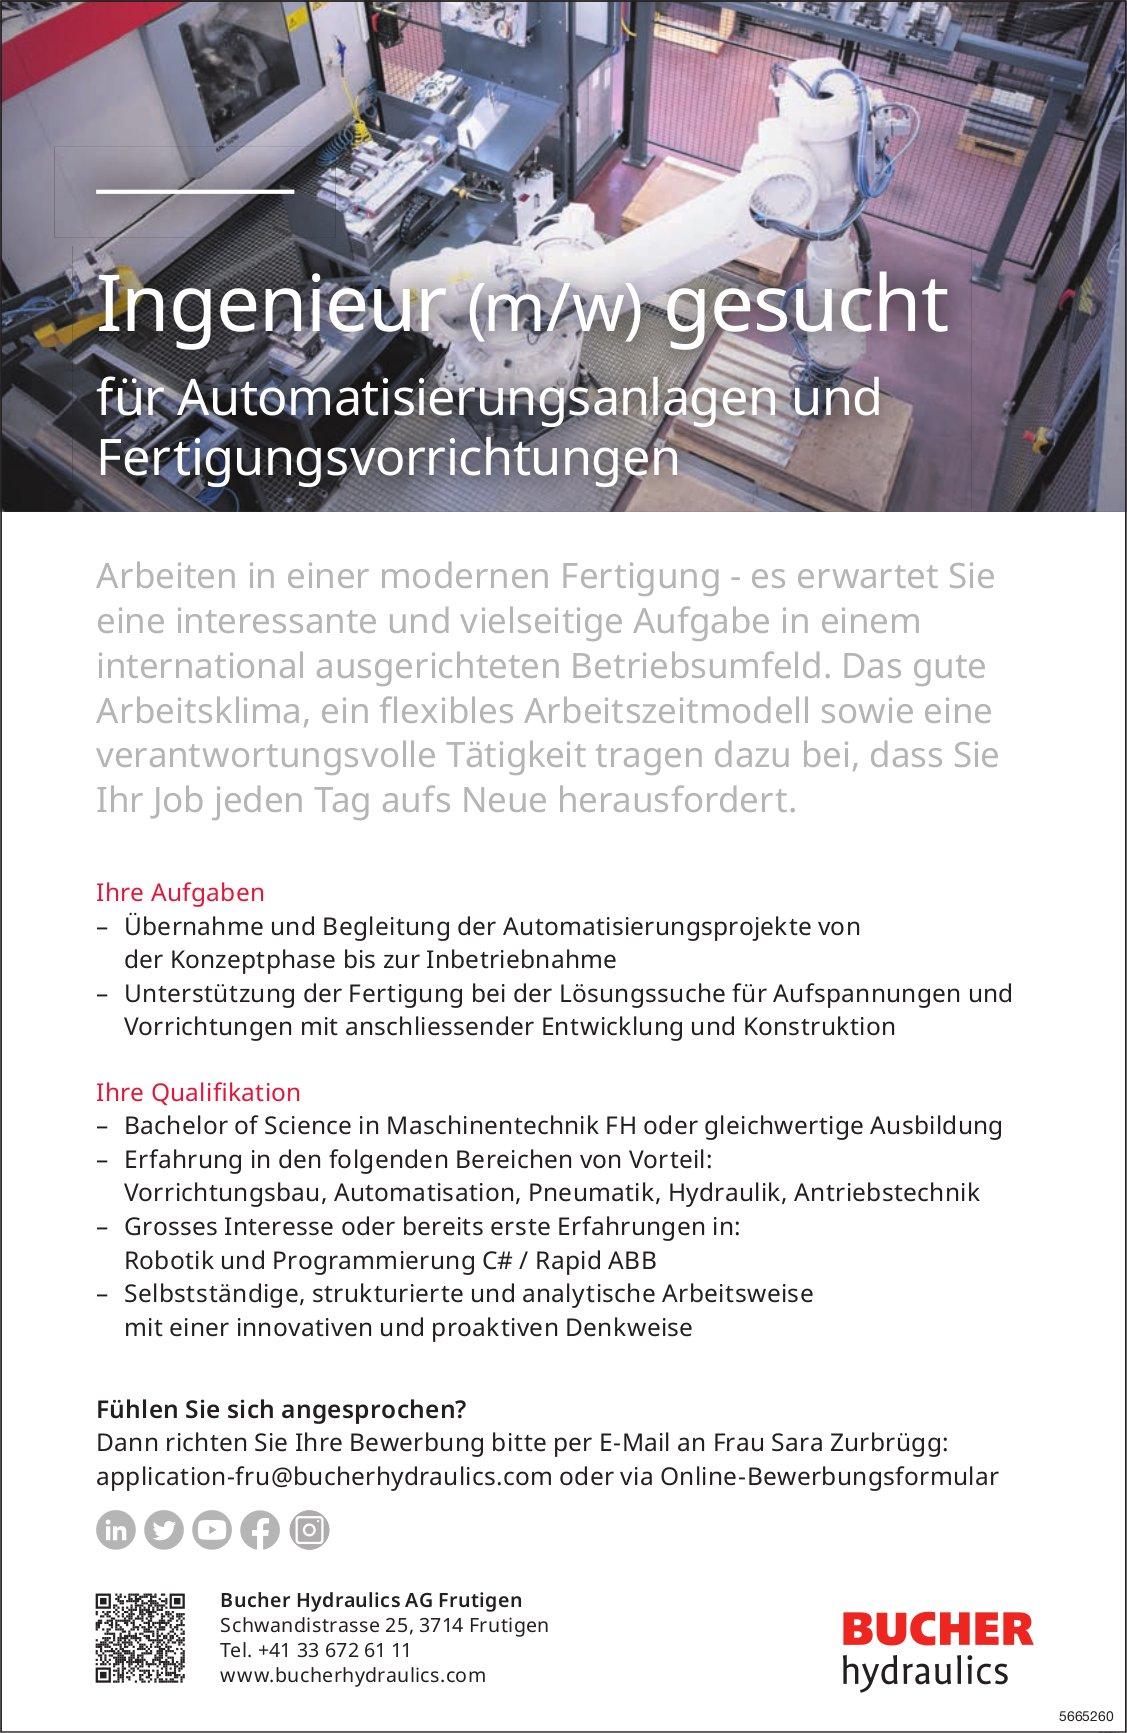 Ingenieur (m/w) für Automatisierungsanlagen und Fertigungsvorrichtungen, Bucher Hydraulics AG, Frutigen, gesucht